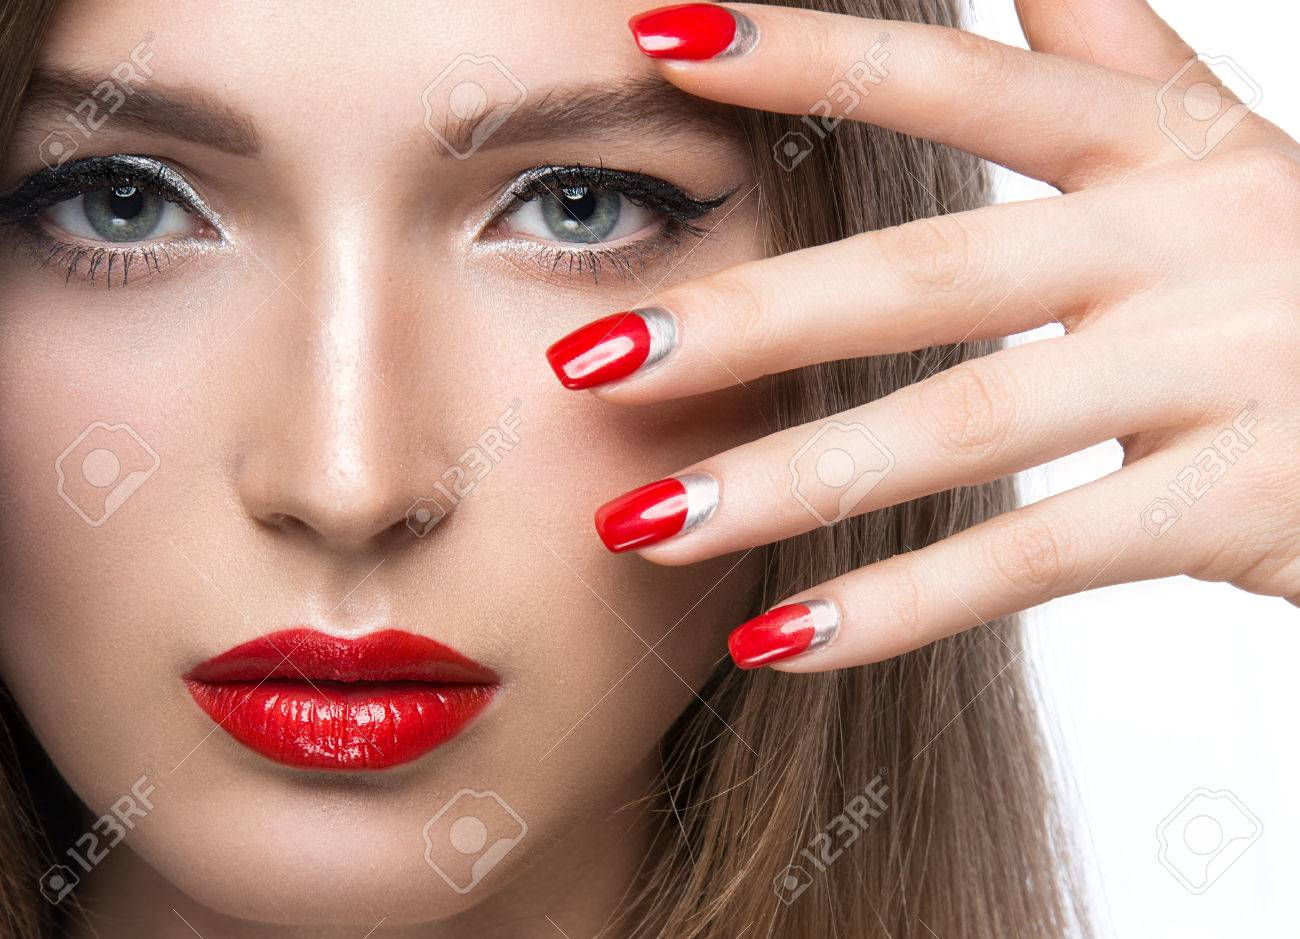 Девушки с красивыми ногтями на руках фото